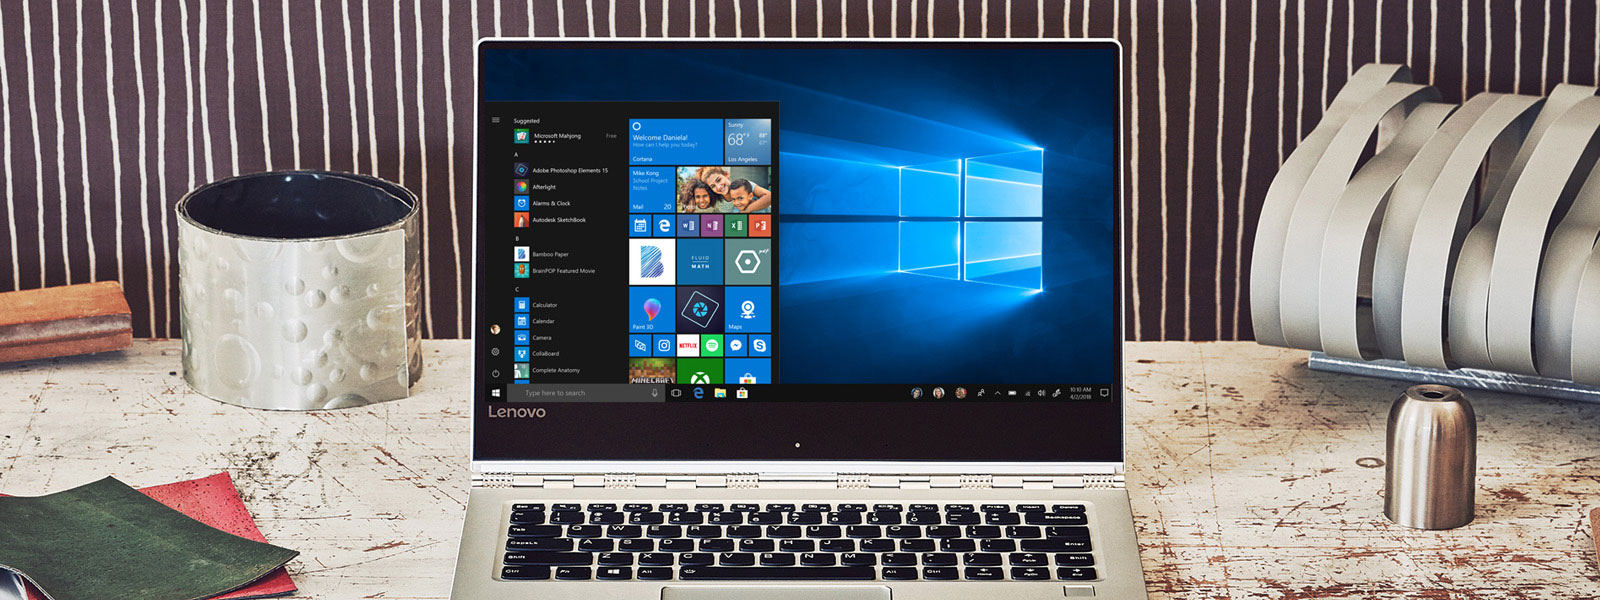 Equipo portátil sobre un escritorio y mostrando la pantalla Inicio de Windows 10